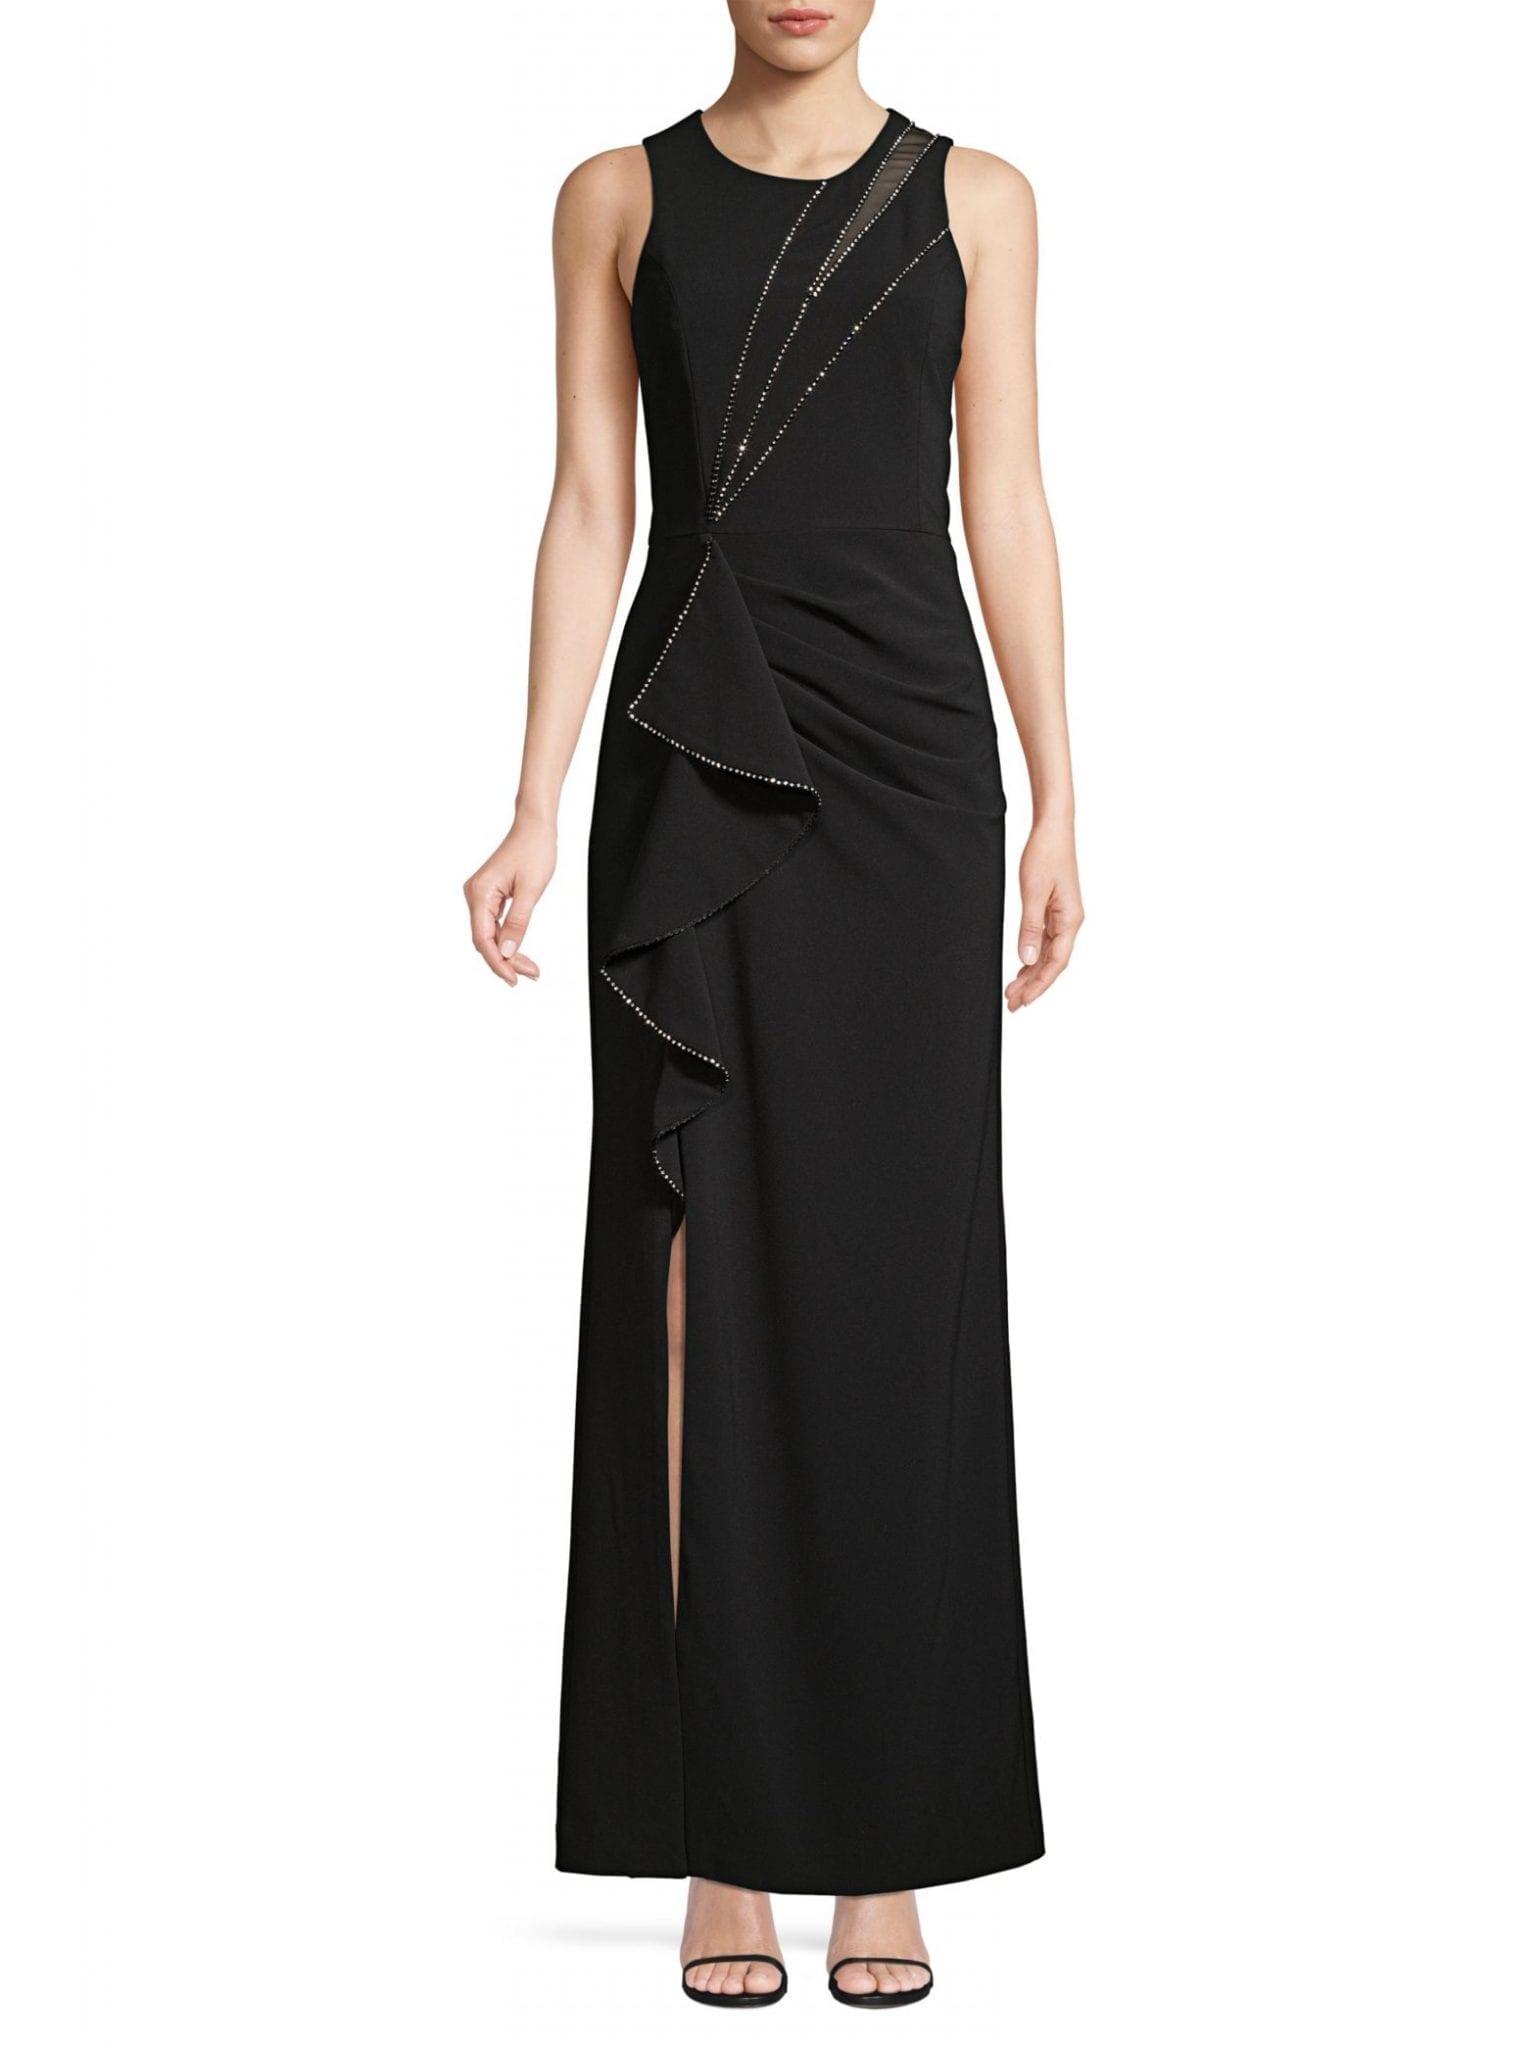 PARKER BLACK Ella Embellished Column Gown